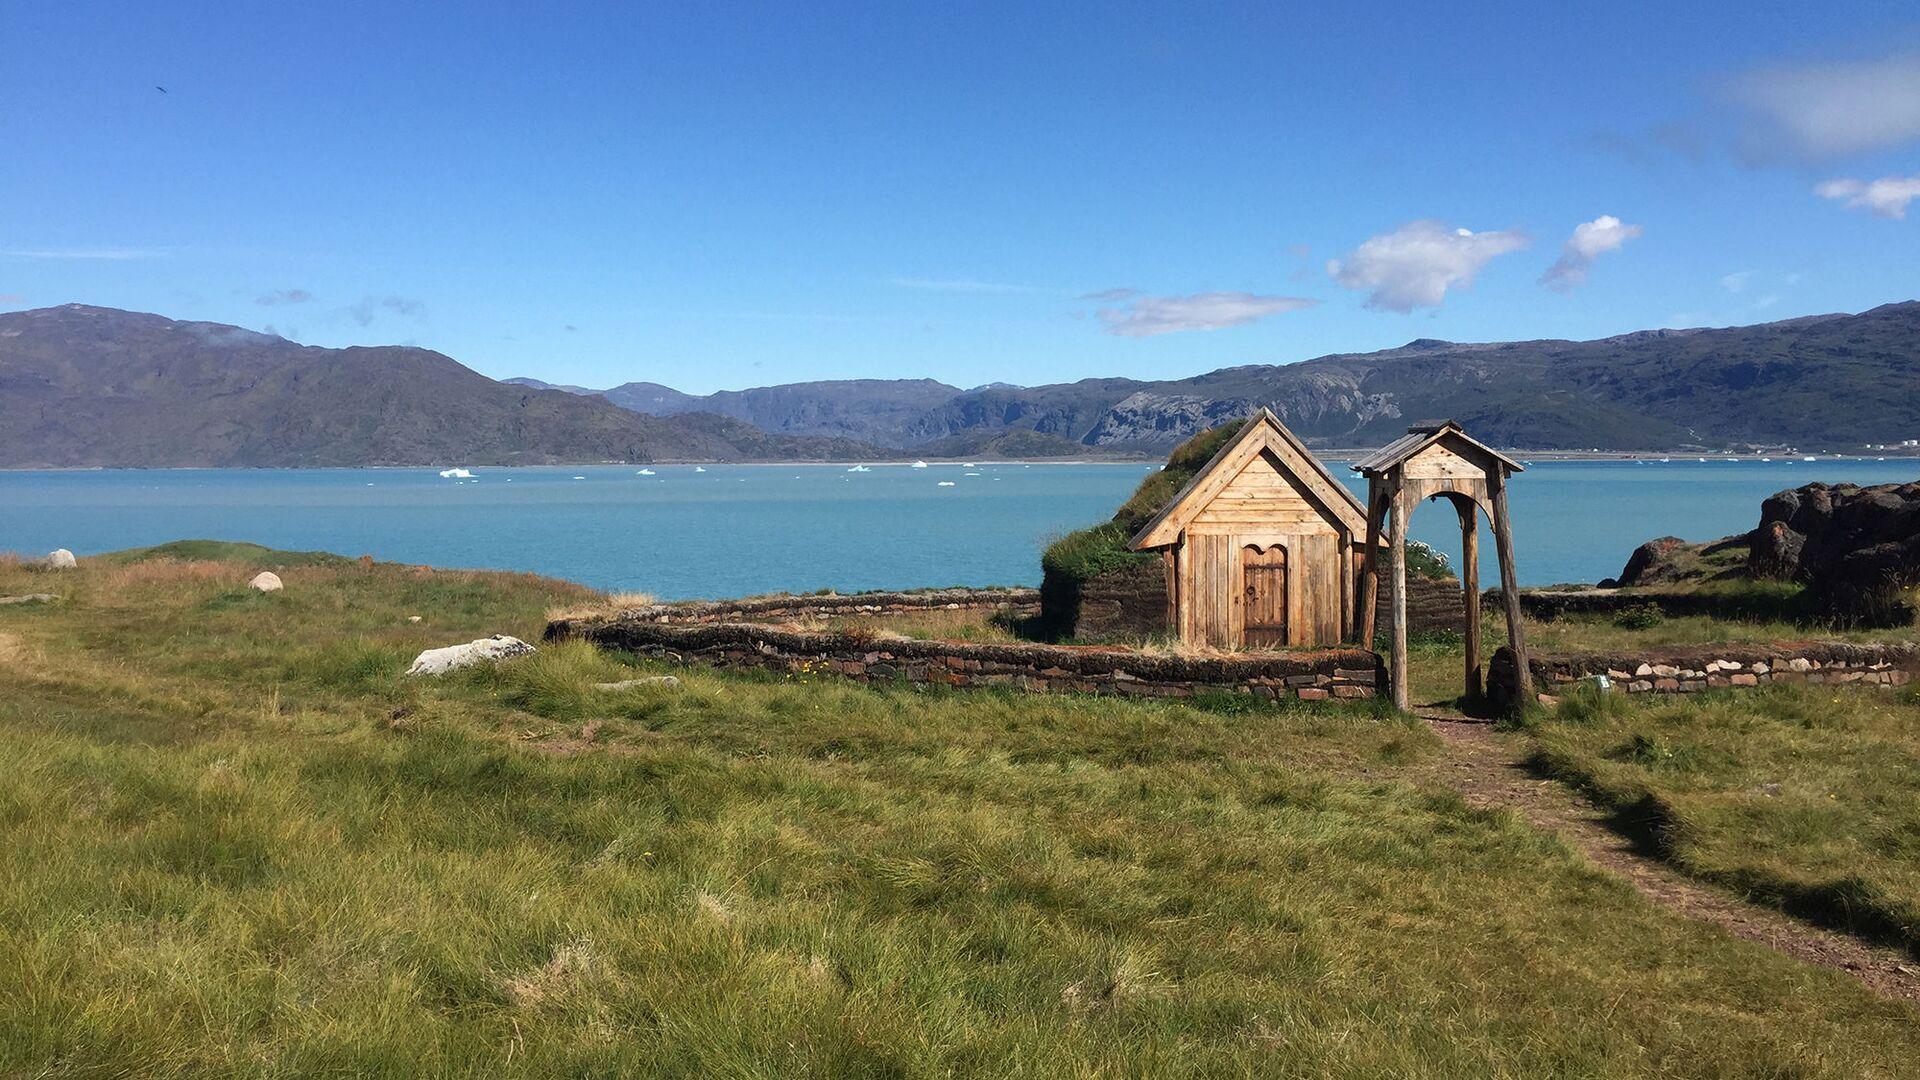 Реконструкция церкви, построенной в Гренландии на территории двора легендарного Эрика Рыжего - РИА Новости, 1920, 06.02.2019